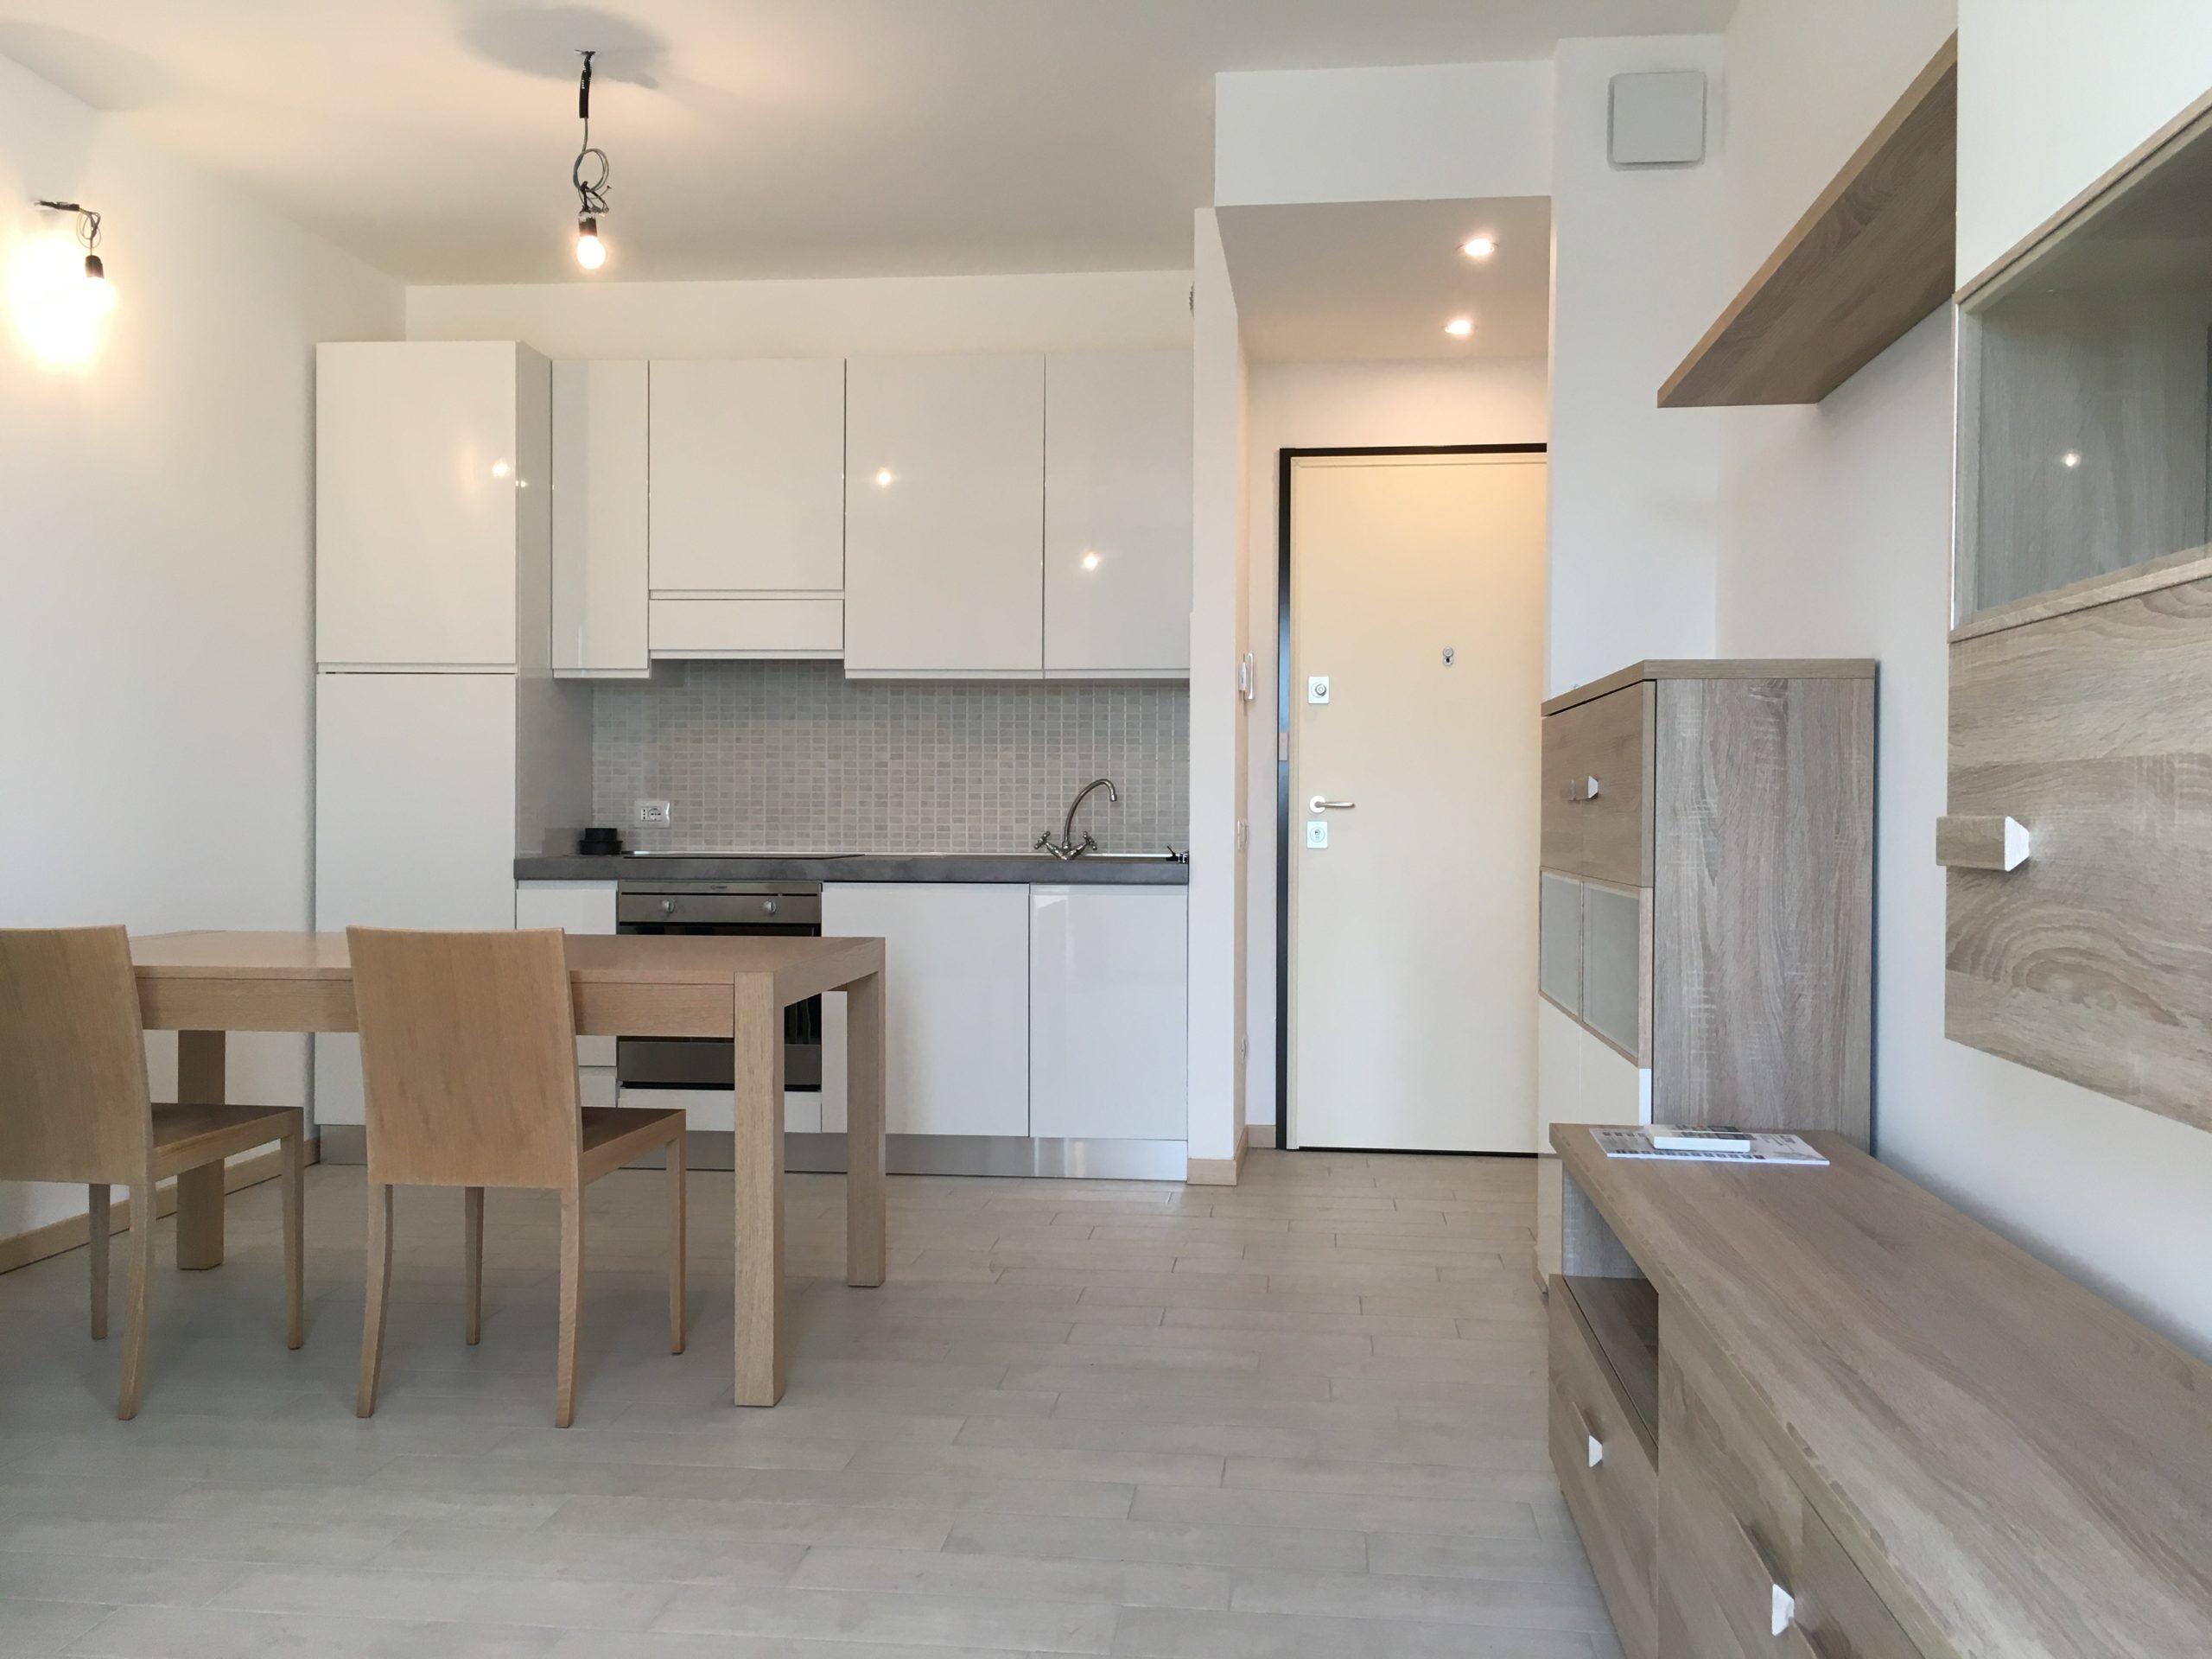 Appartamento Bilocale in classe en. A2 nuovo con terrazzo e Box auto a Stezzano Bergamo